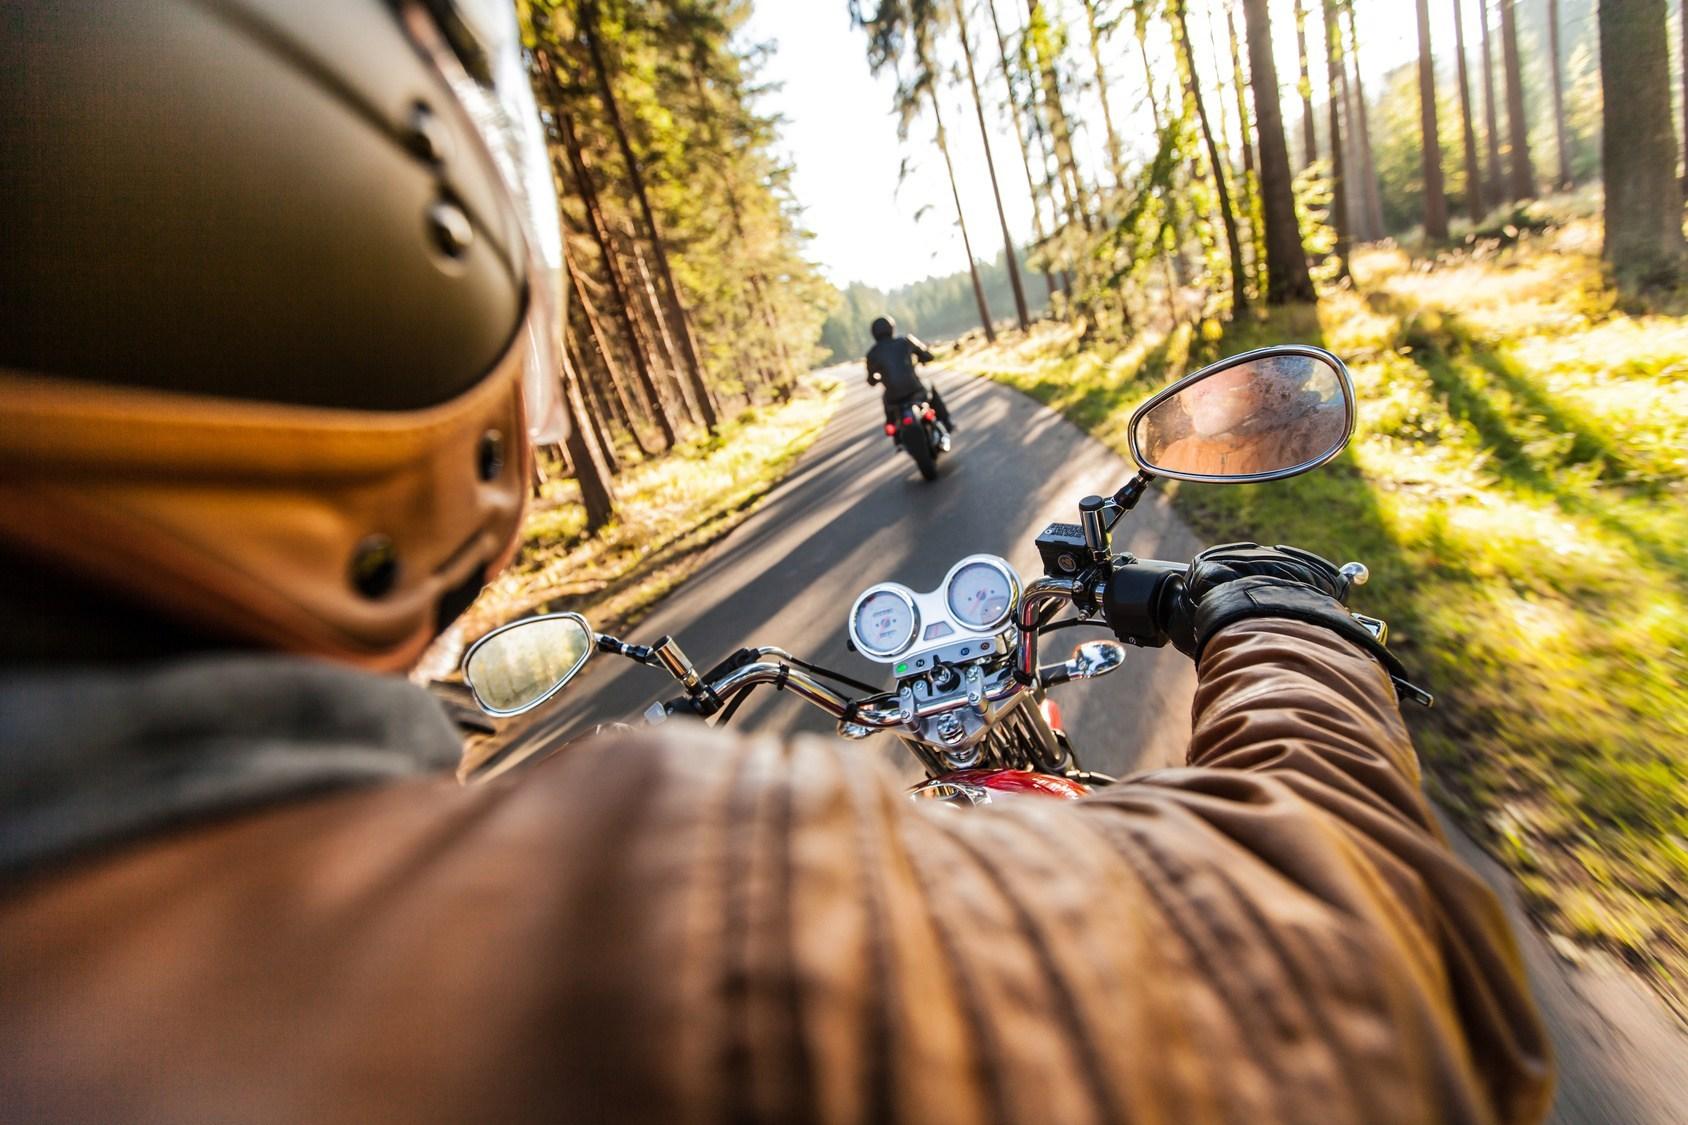 ubezpieczenie motocykla lub skutera